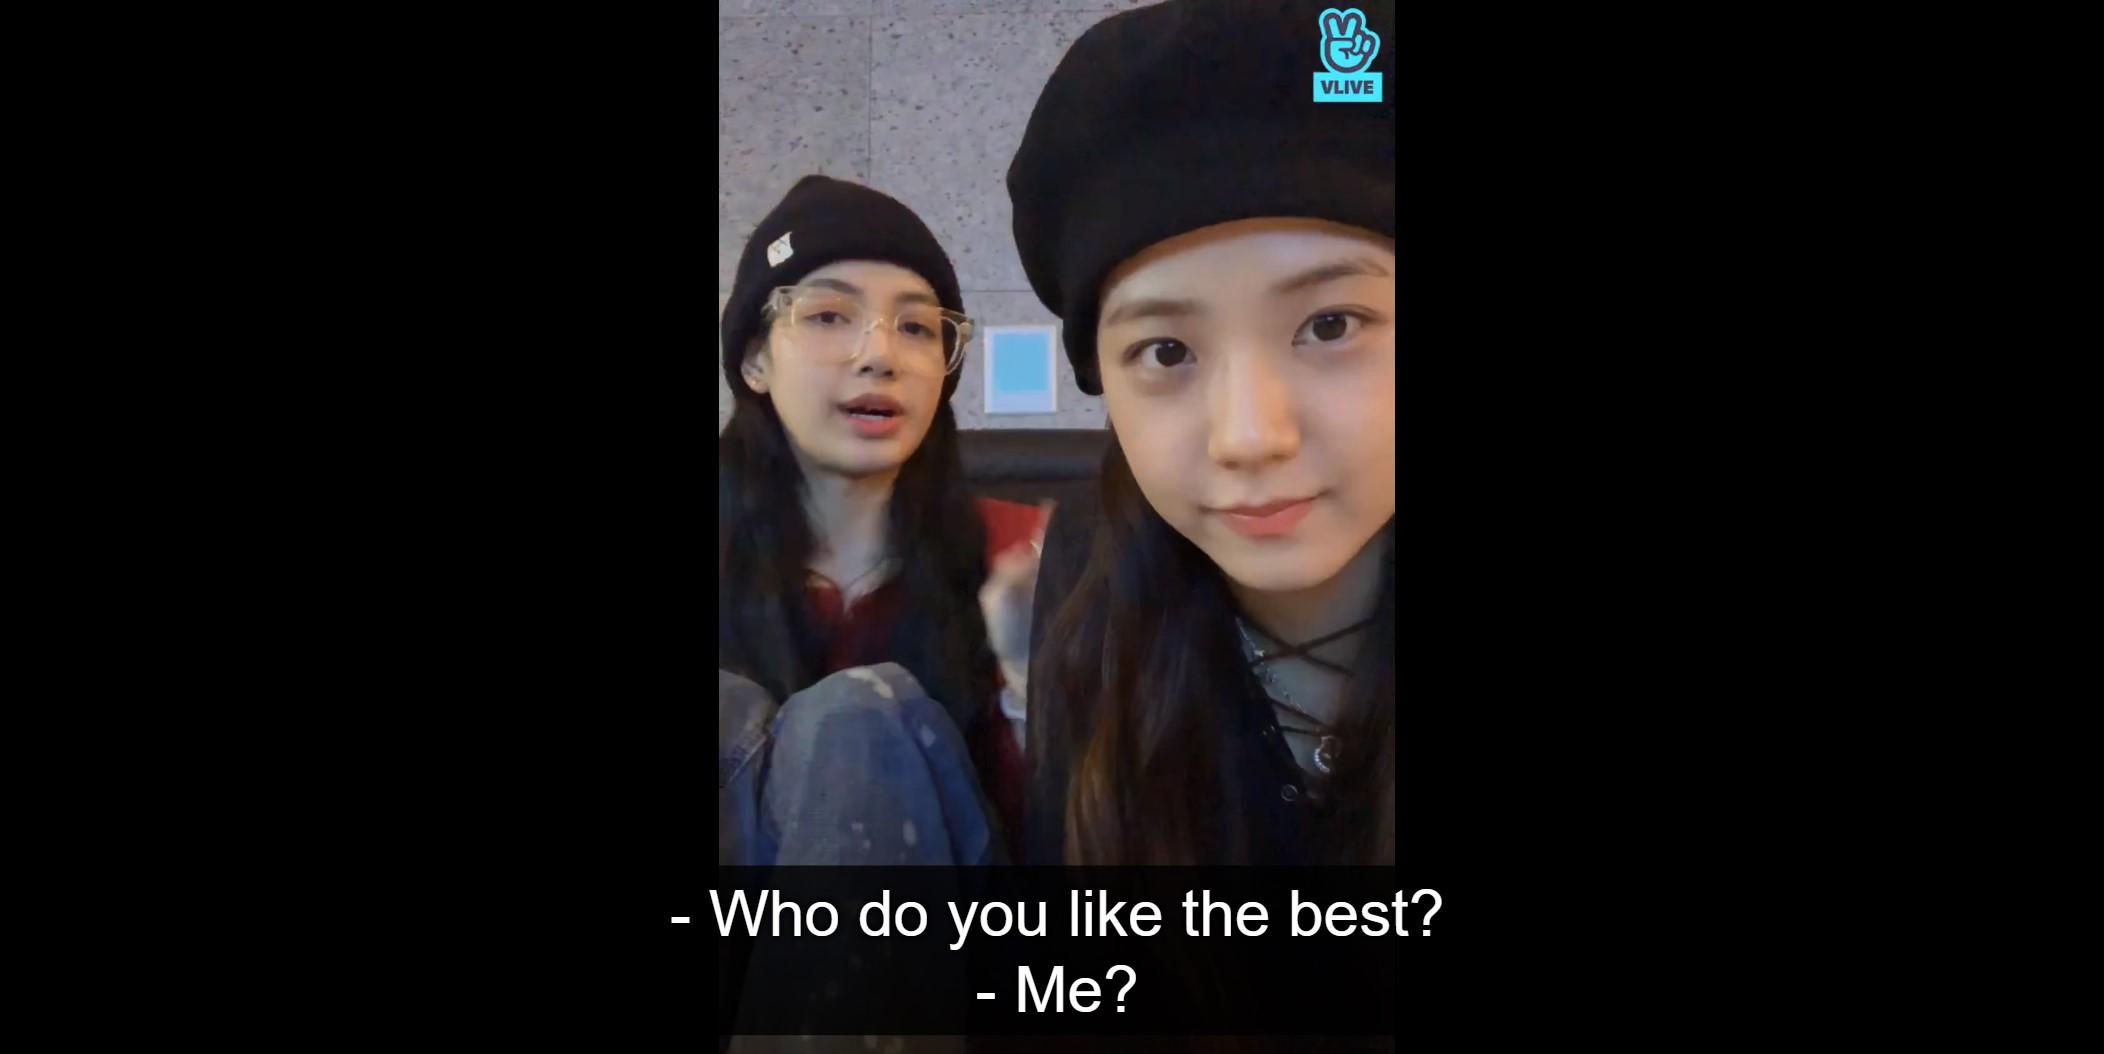 who do you like